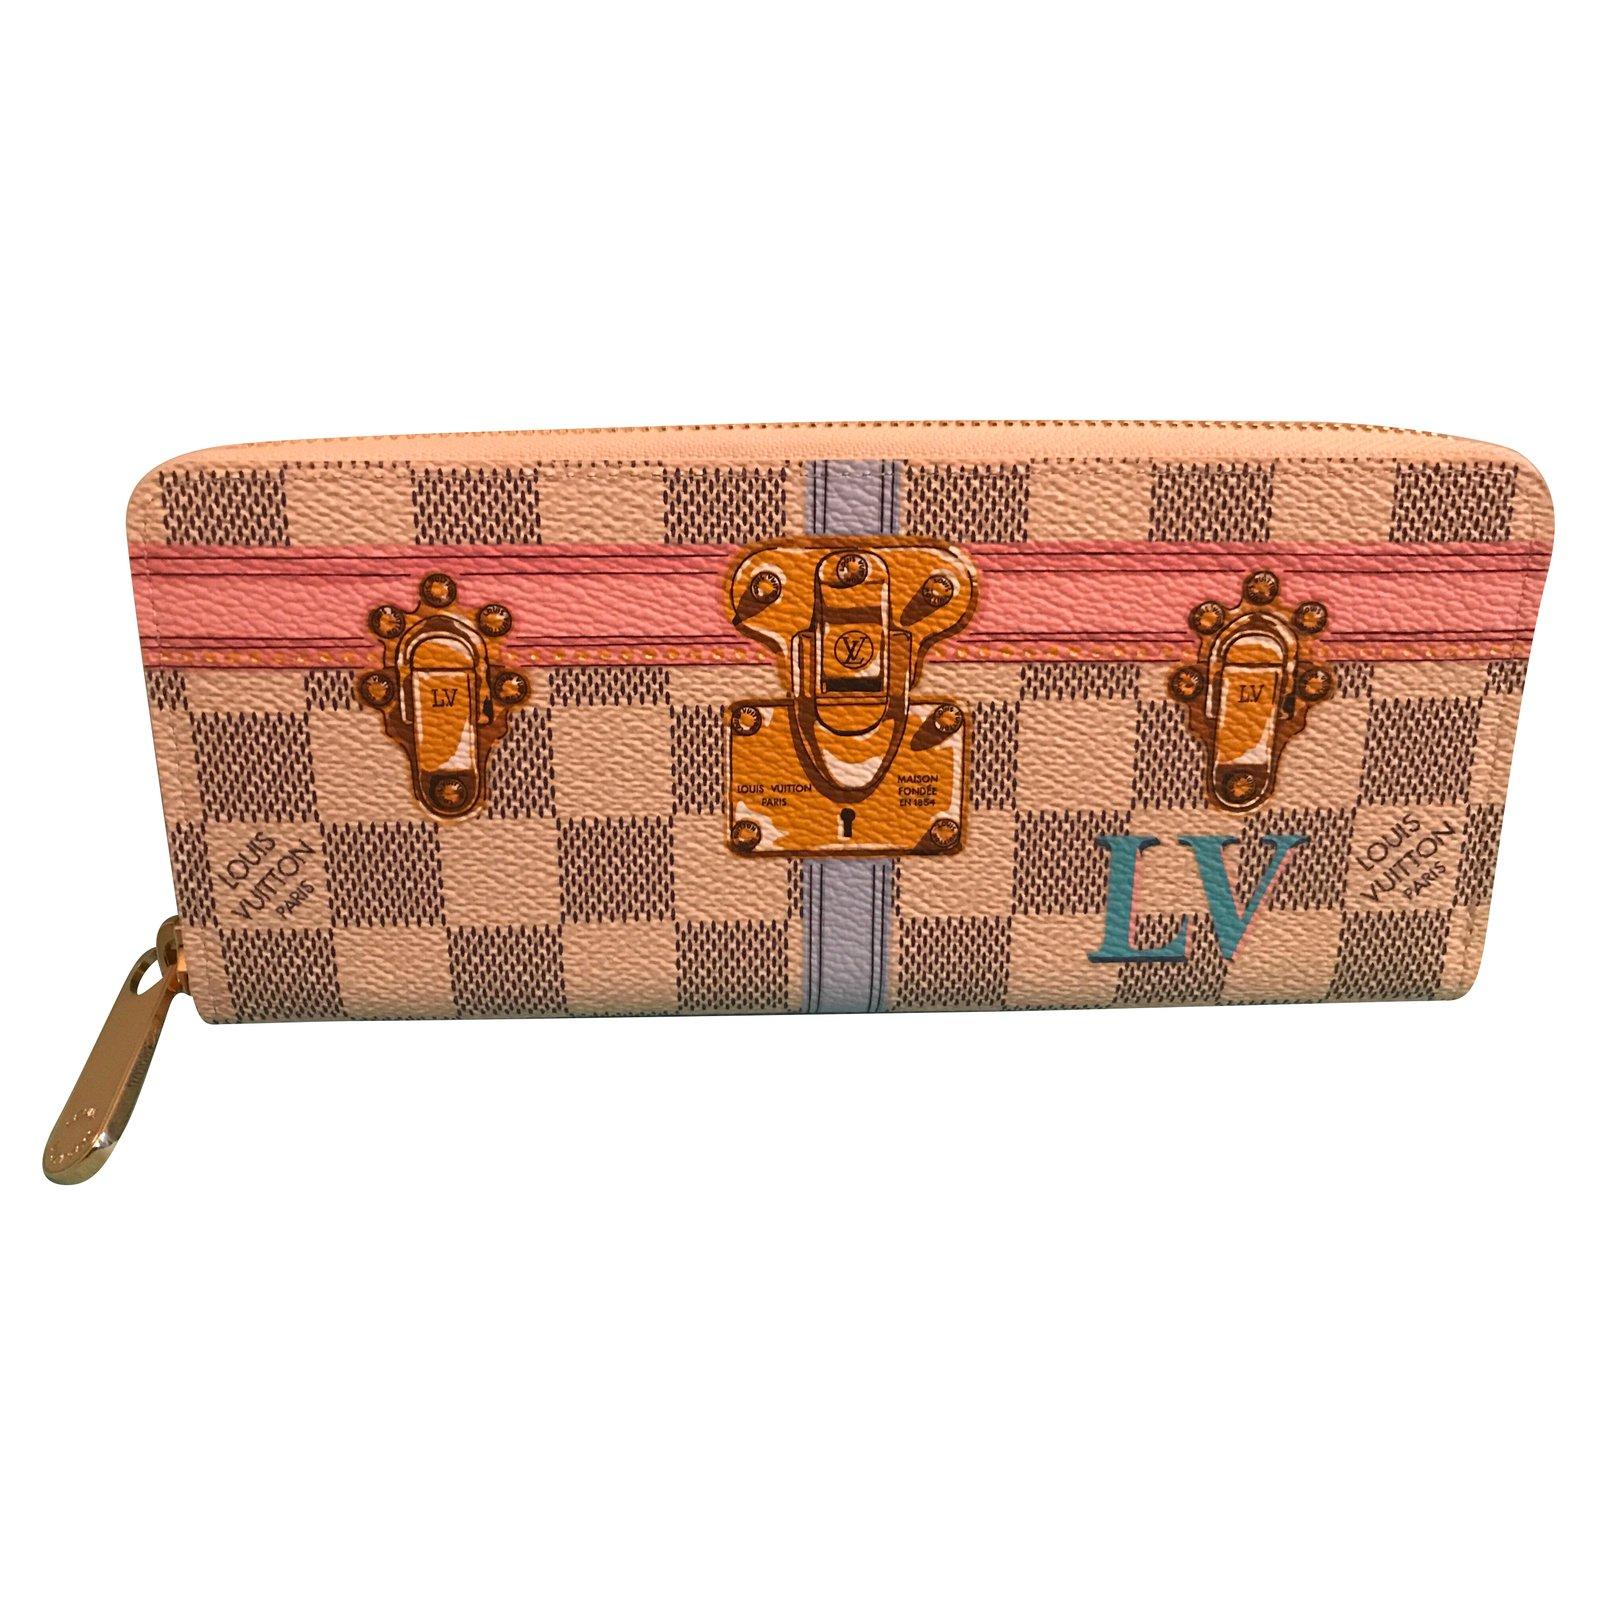 d2fb91ba76c4 Louis Vuitton Clemence Wallets Leather Multiple colors ref.64455 ...